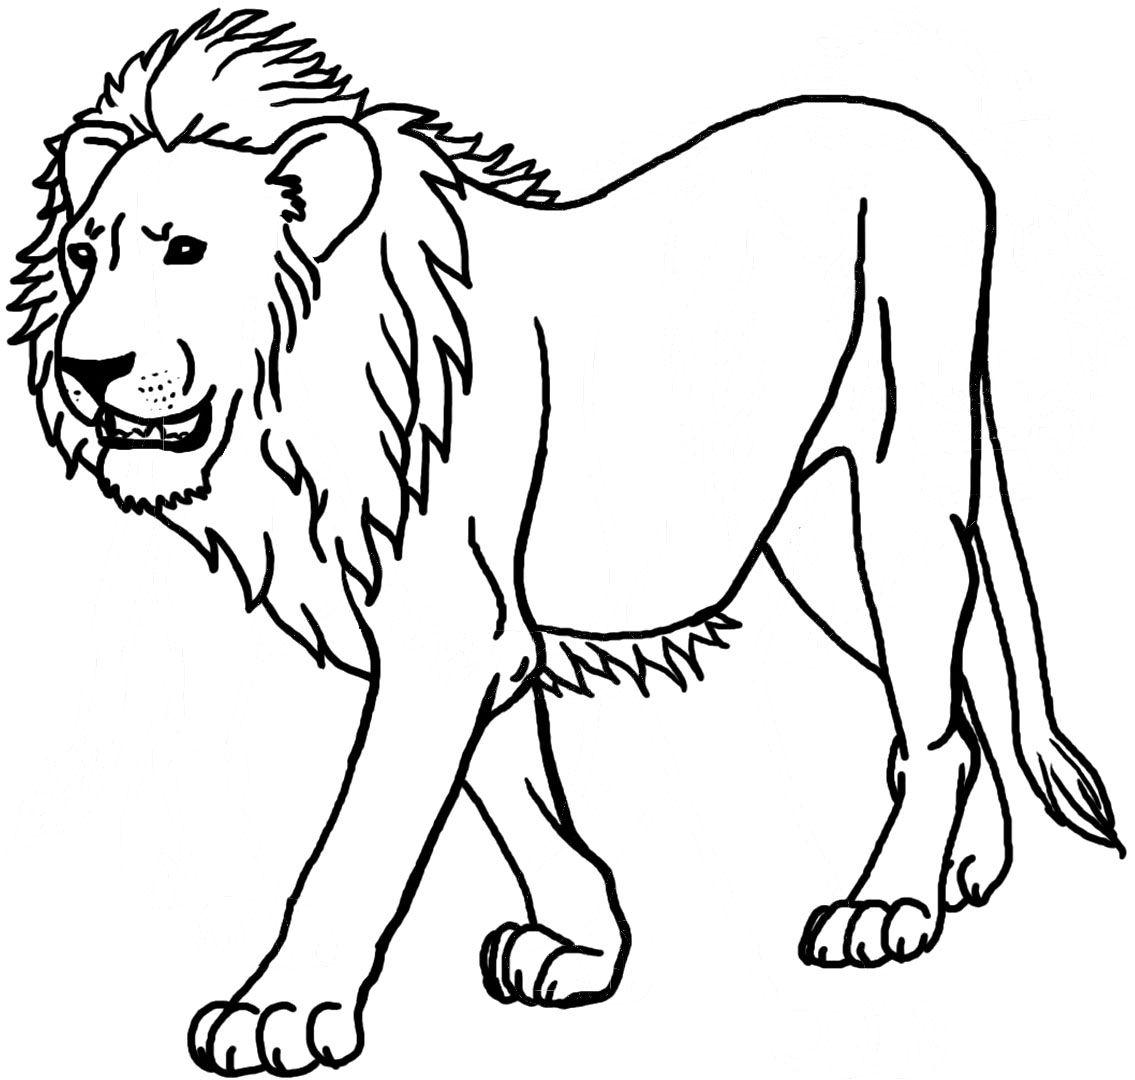 1135x1080 Lion Coloring Pages